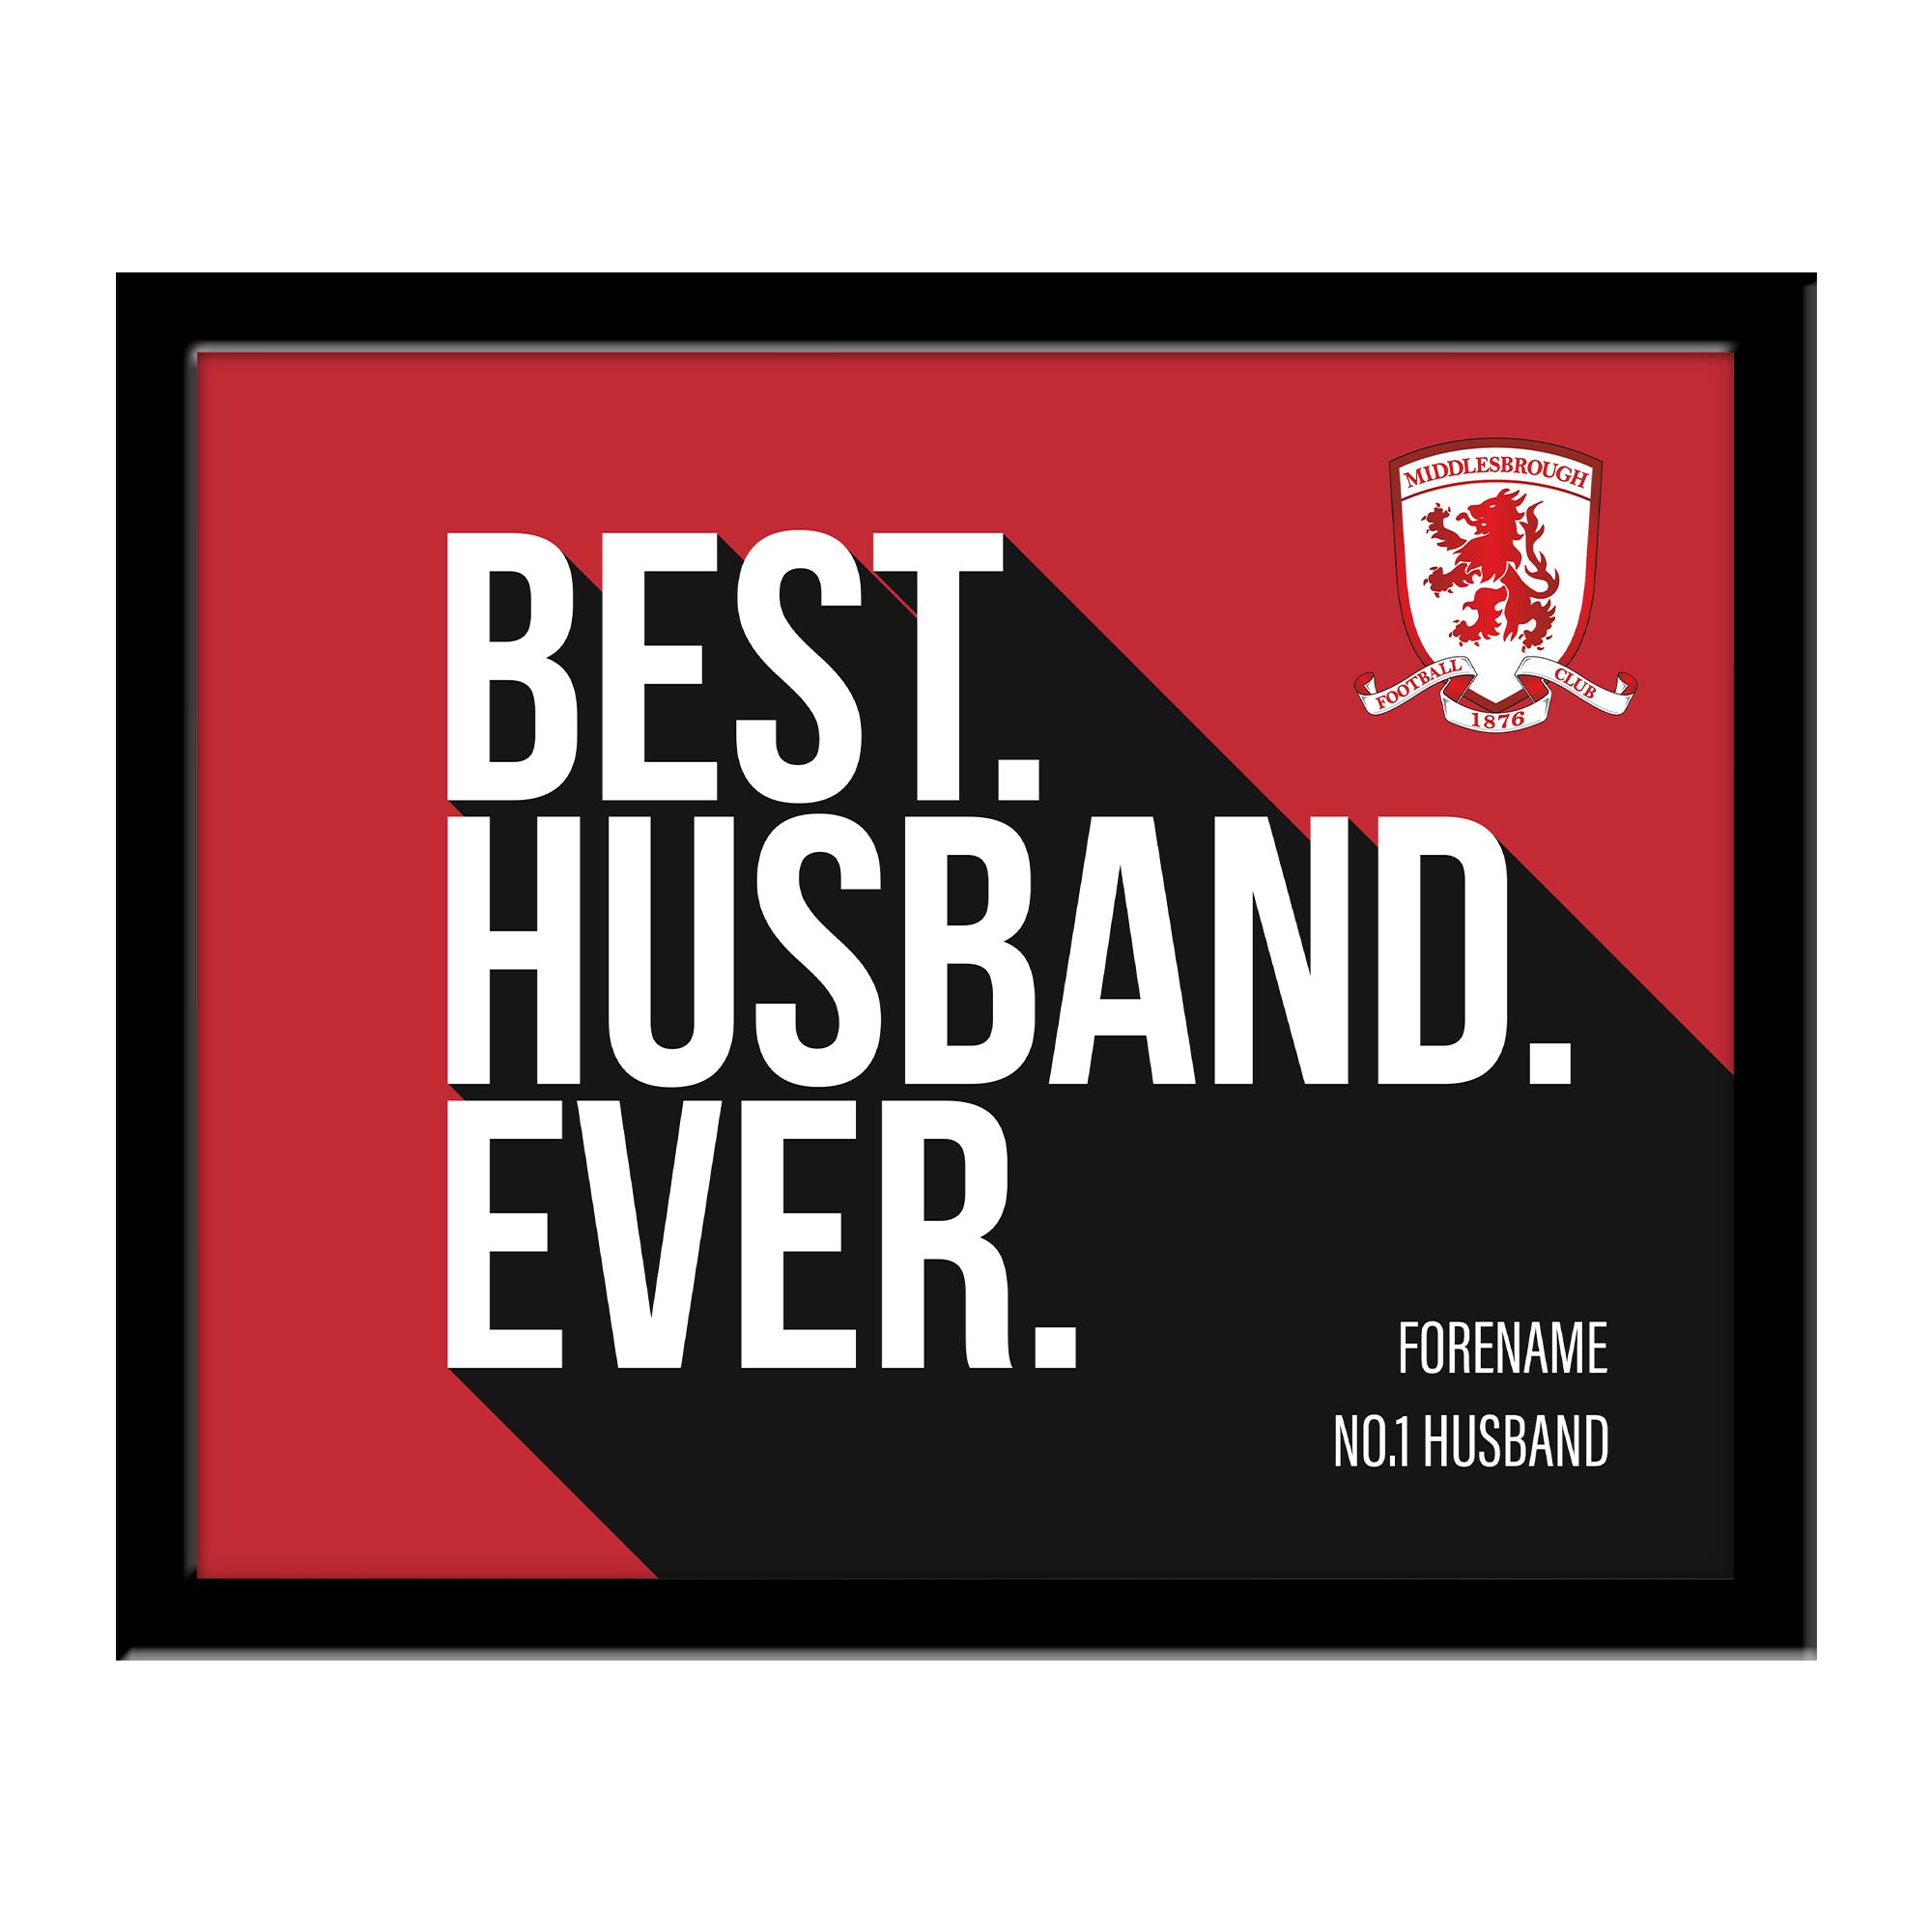 Middlesbrough Best Husband Ever 10 x 8 Photo Framed